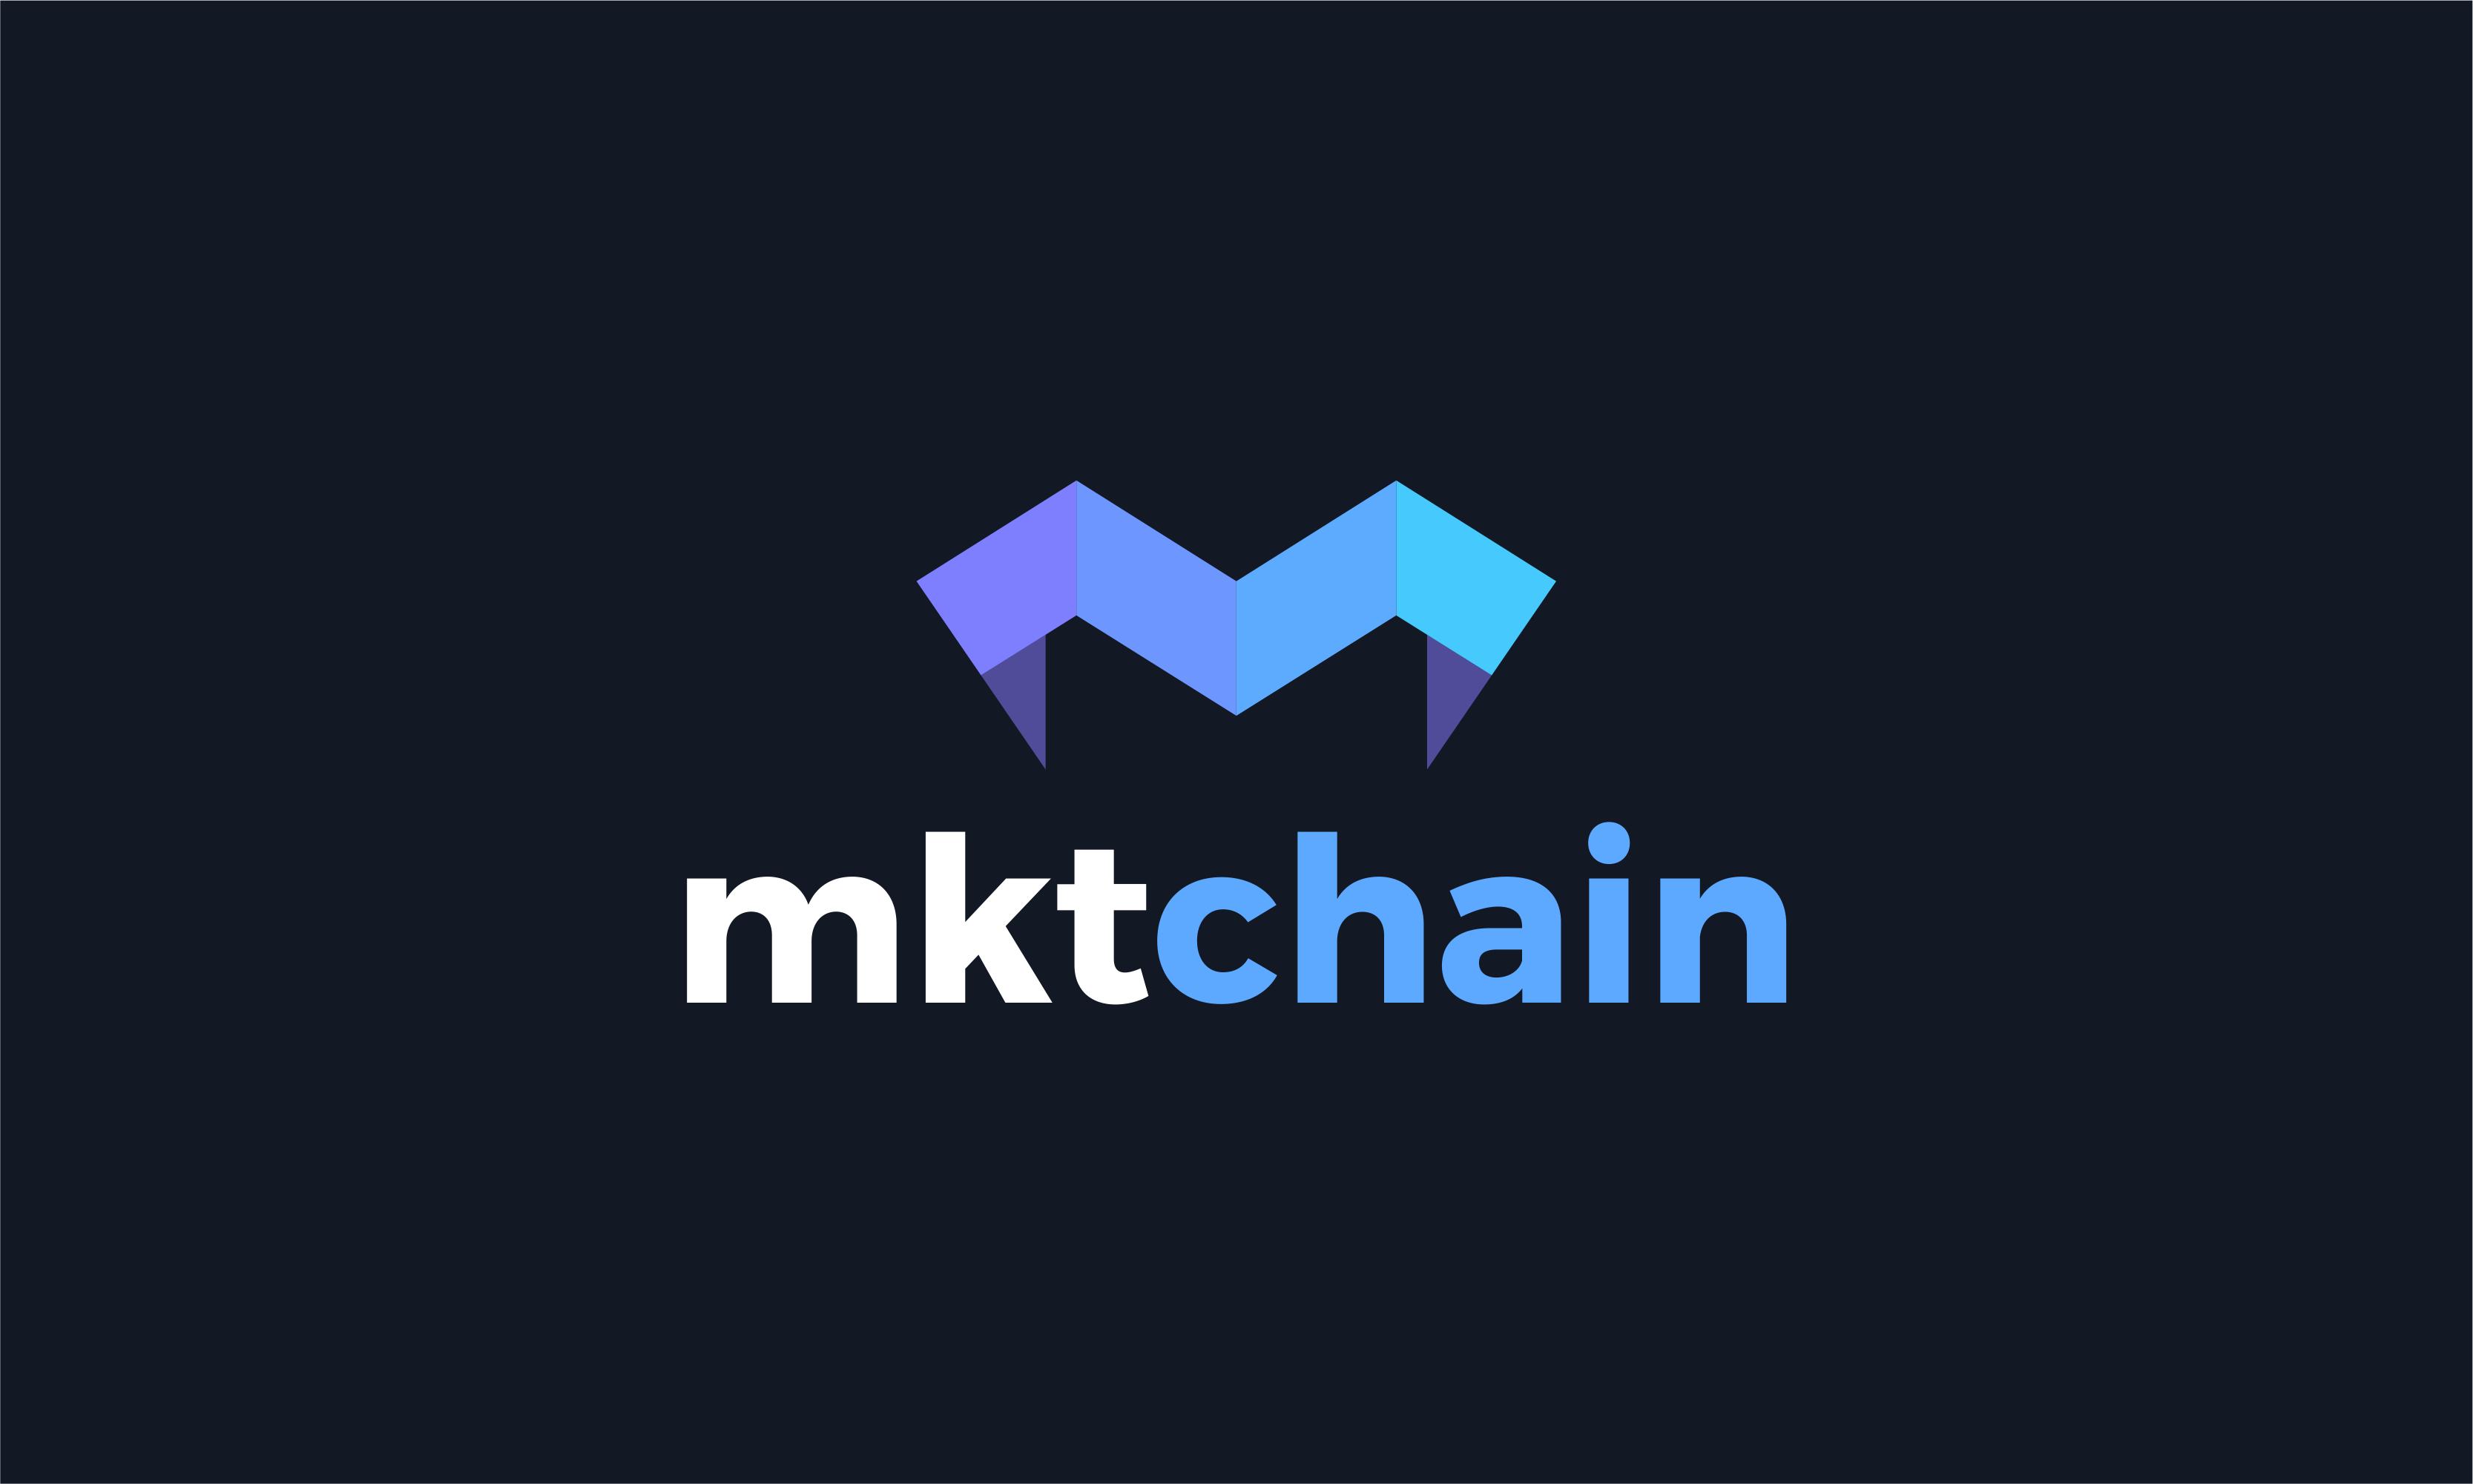 Mktchain